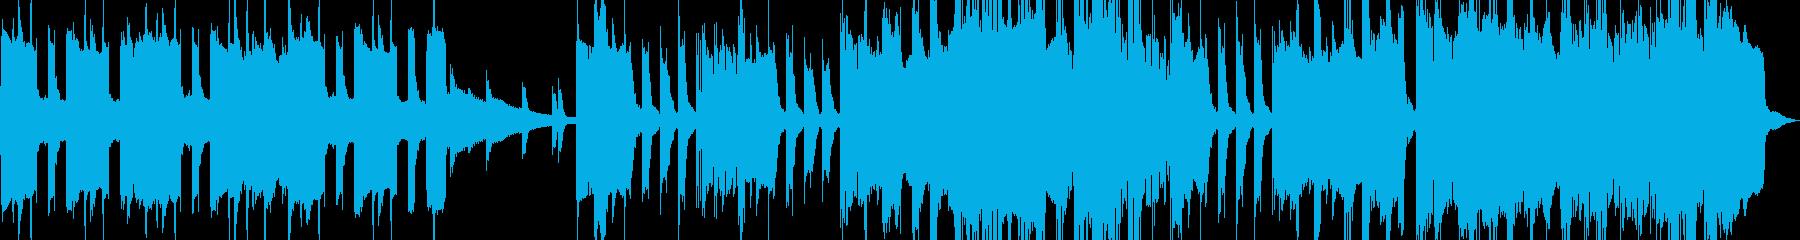 【30秒】企業/商品紹介BGM③スマートの再生済みの波形